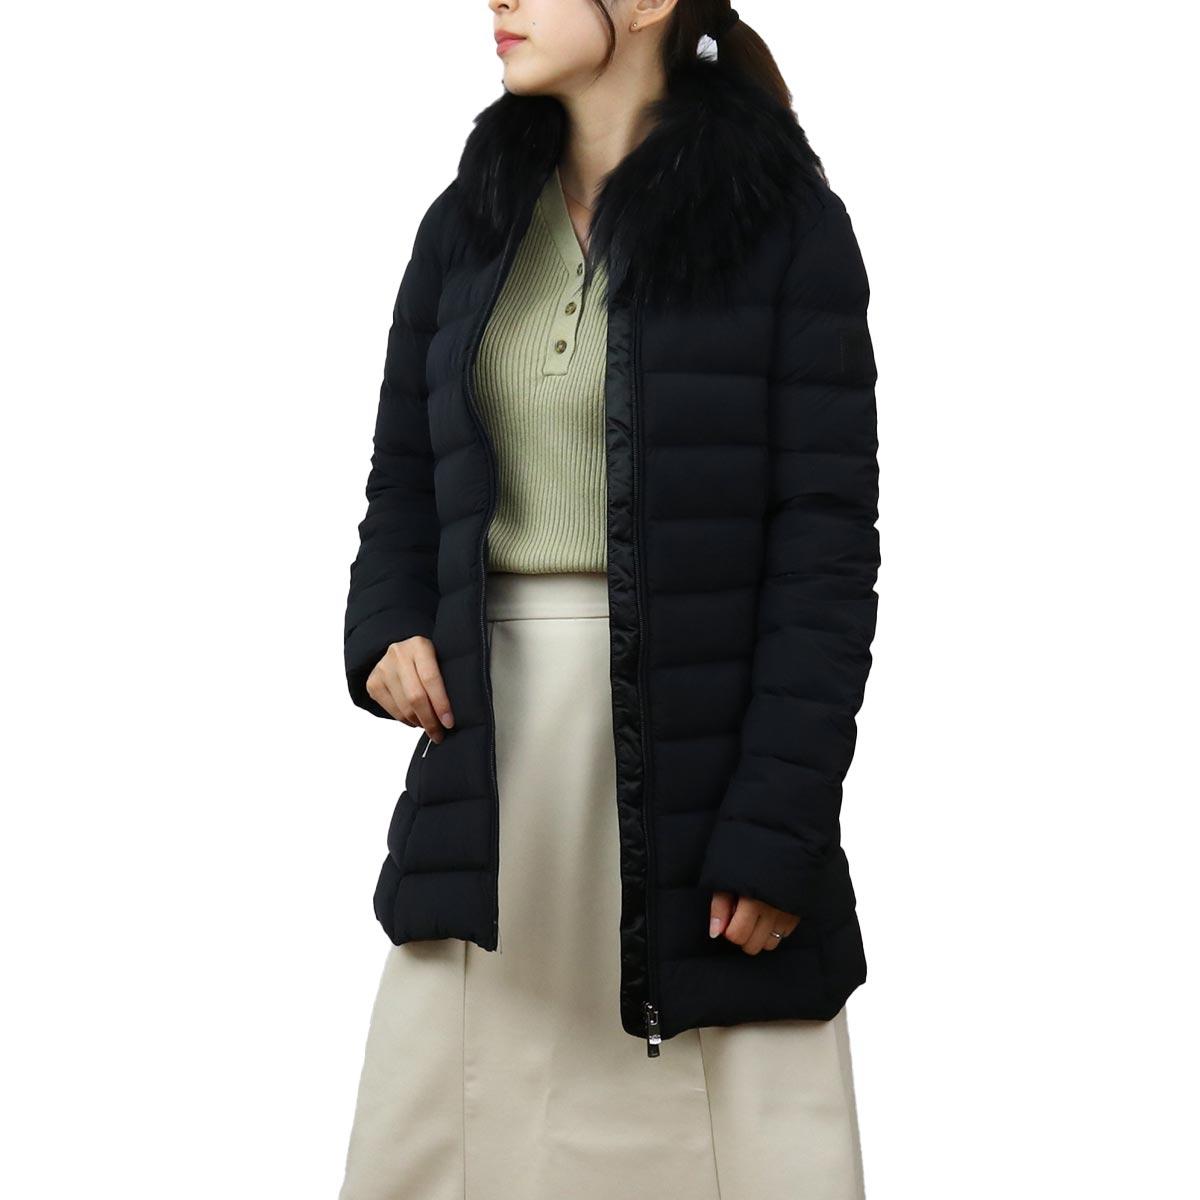 モンテコーレ MONTECORE レディースジャケット 1526CX370P 132500 99 ブラック レディース ジャケット コート ダウン ダウンジャケット アウター【キャッシュレス 5% 還元】 gsw-4